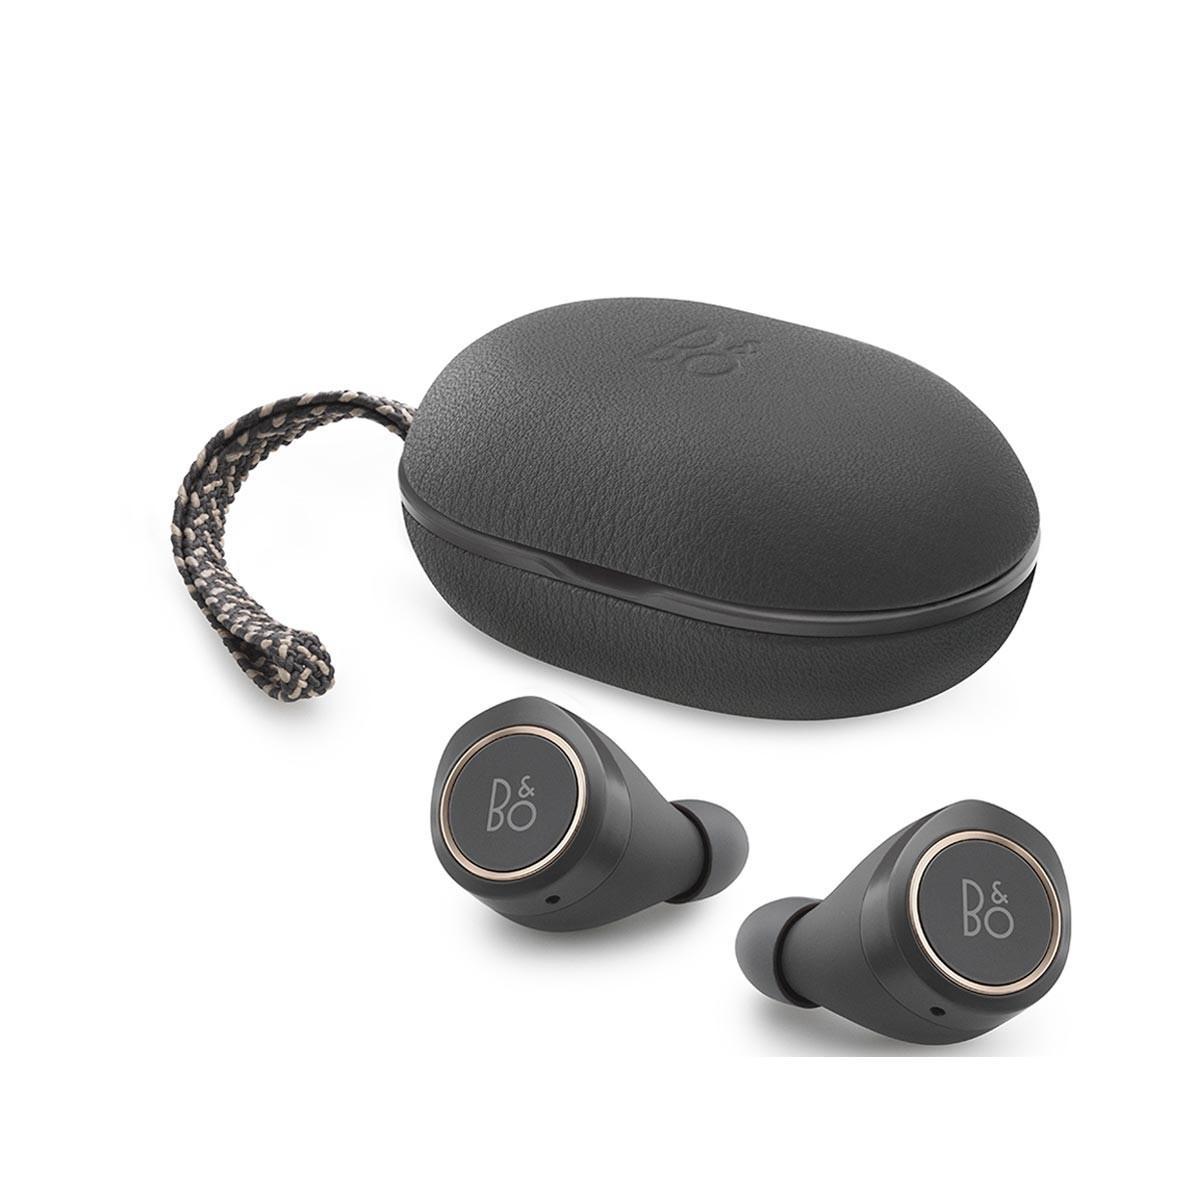 B&O PLAY - Beoplay E8 bezdrátová sluchátka - uhlově šedá